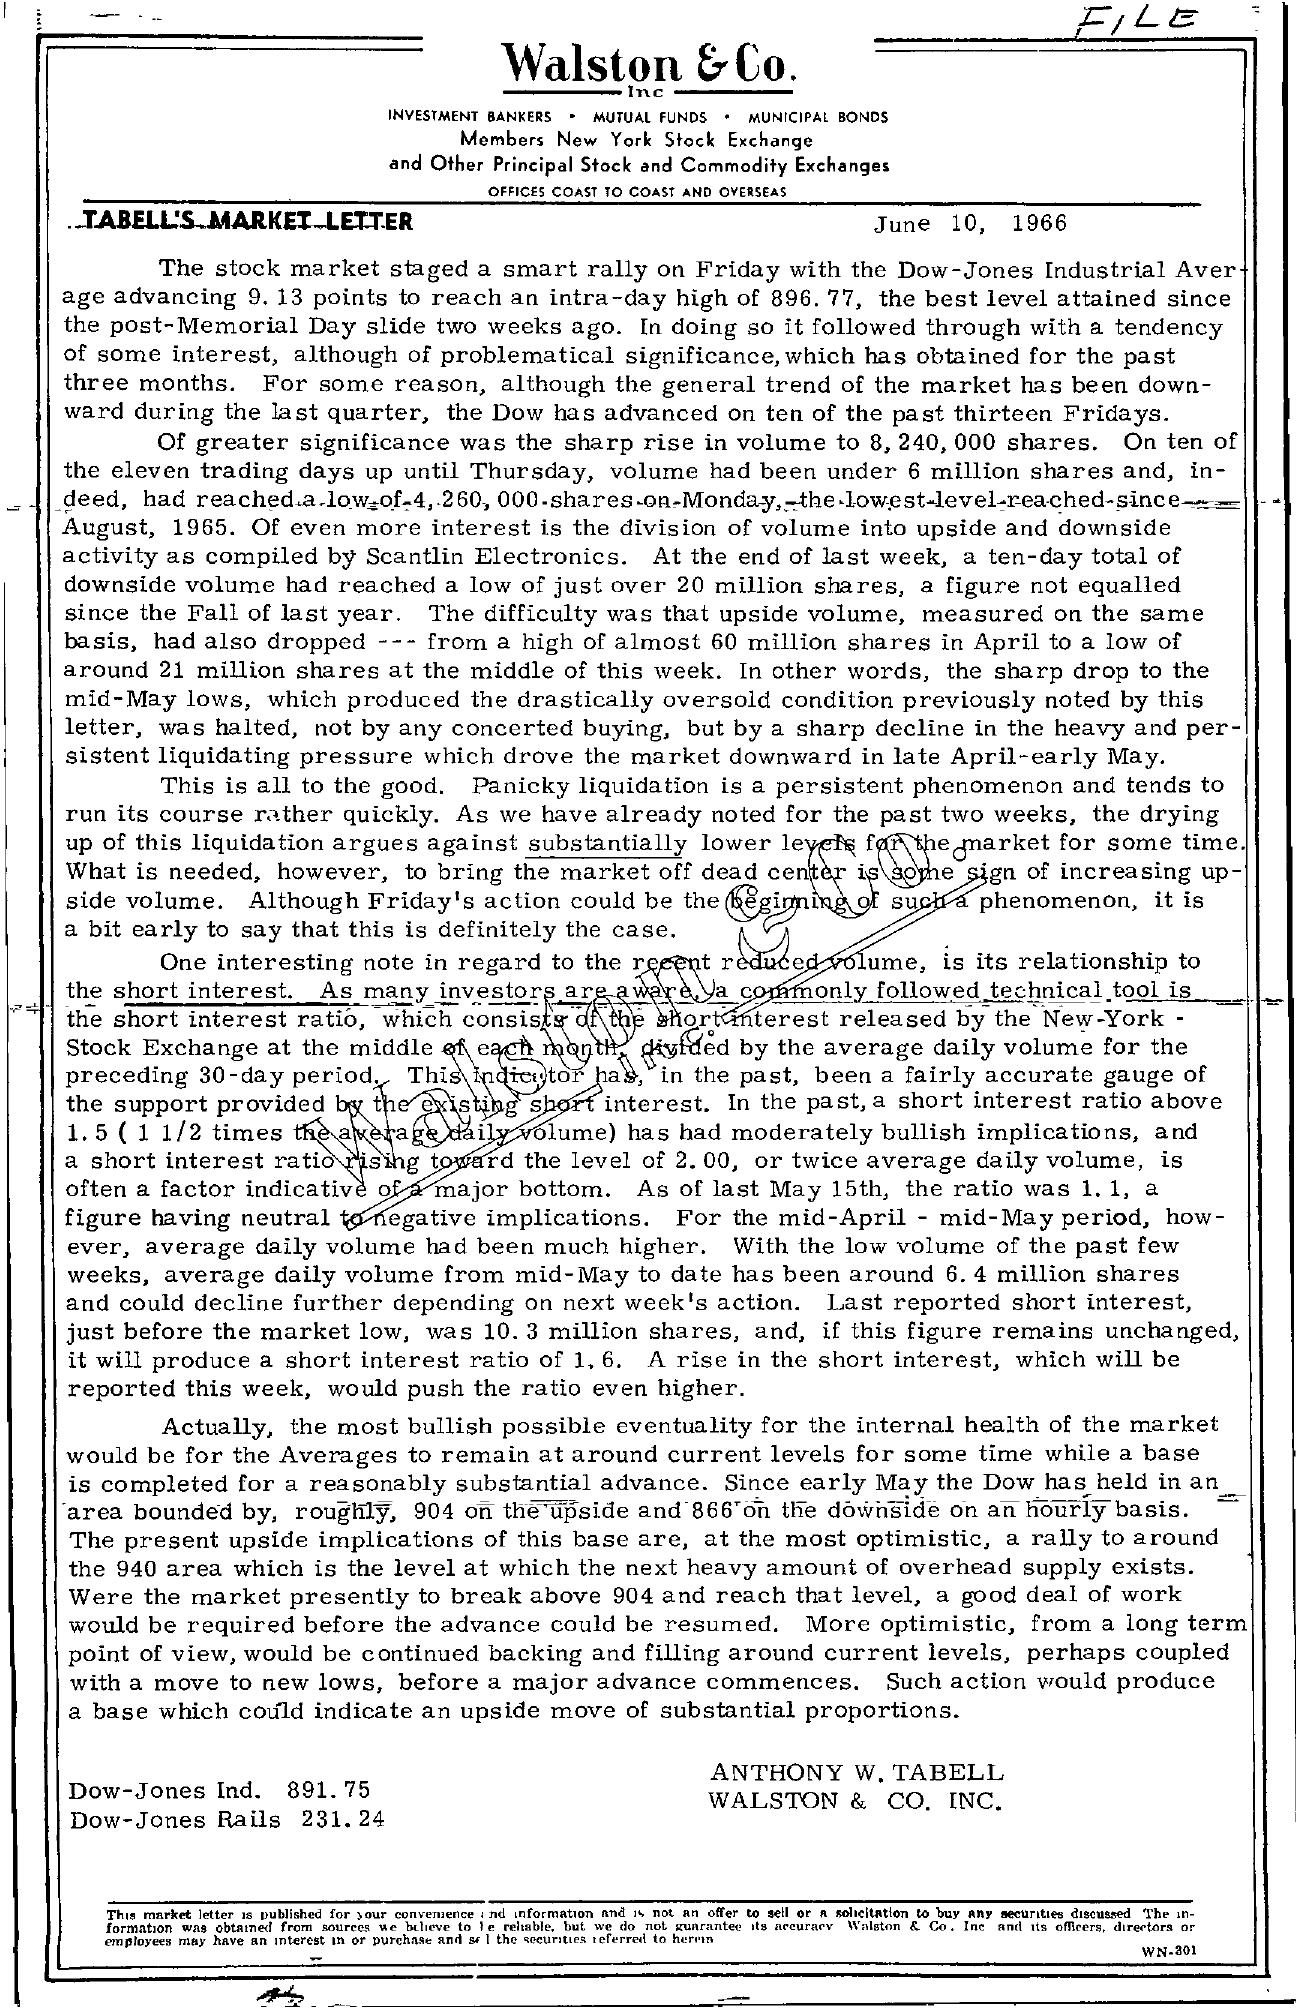 Tabell's Market Letter - June 10, 1966